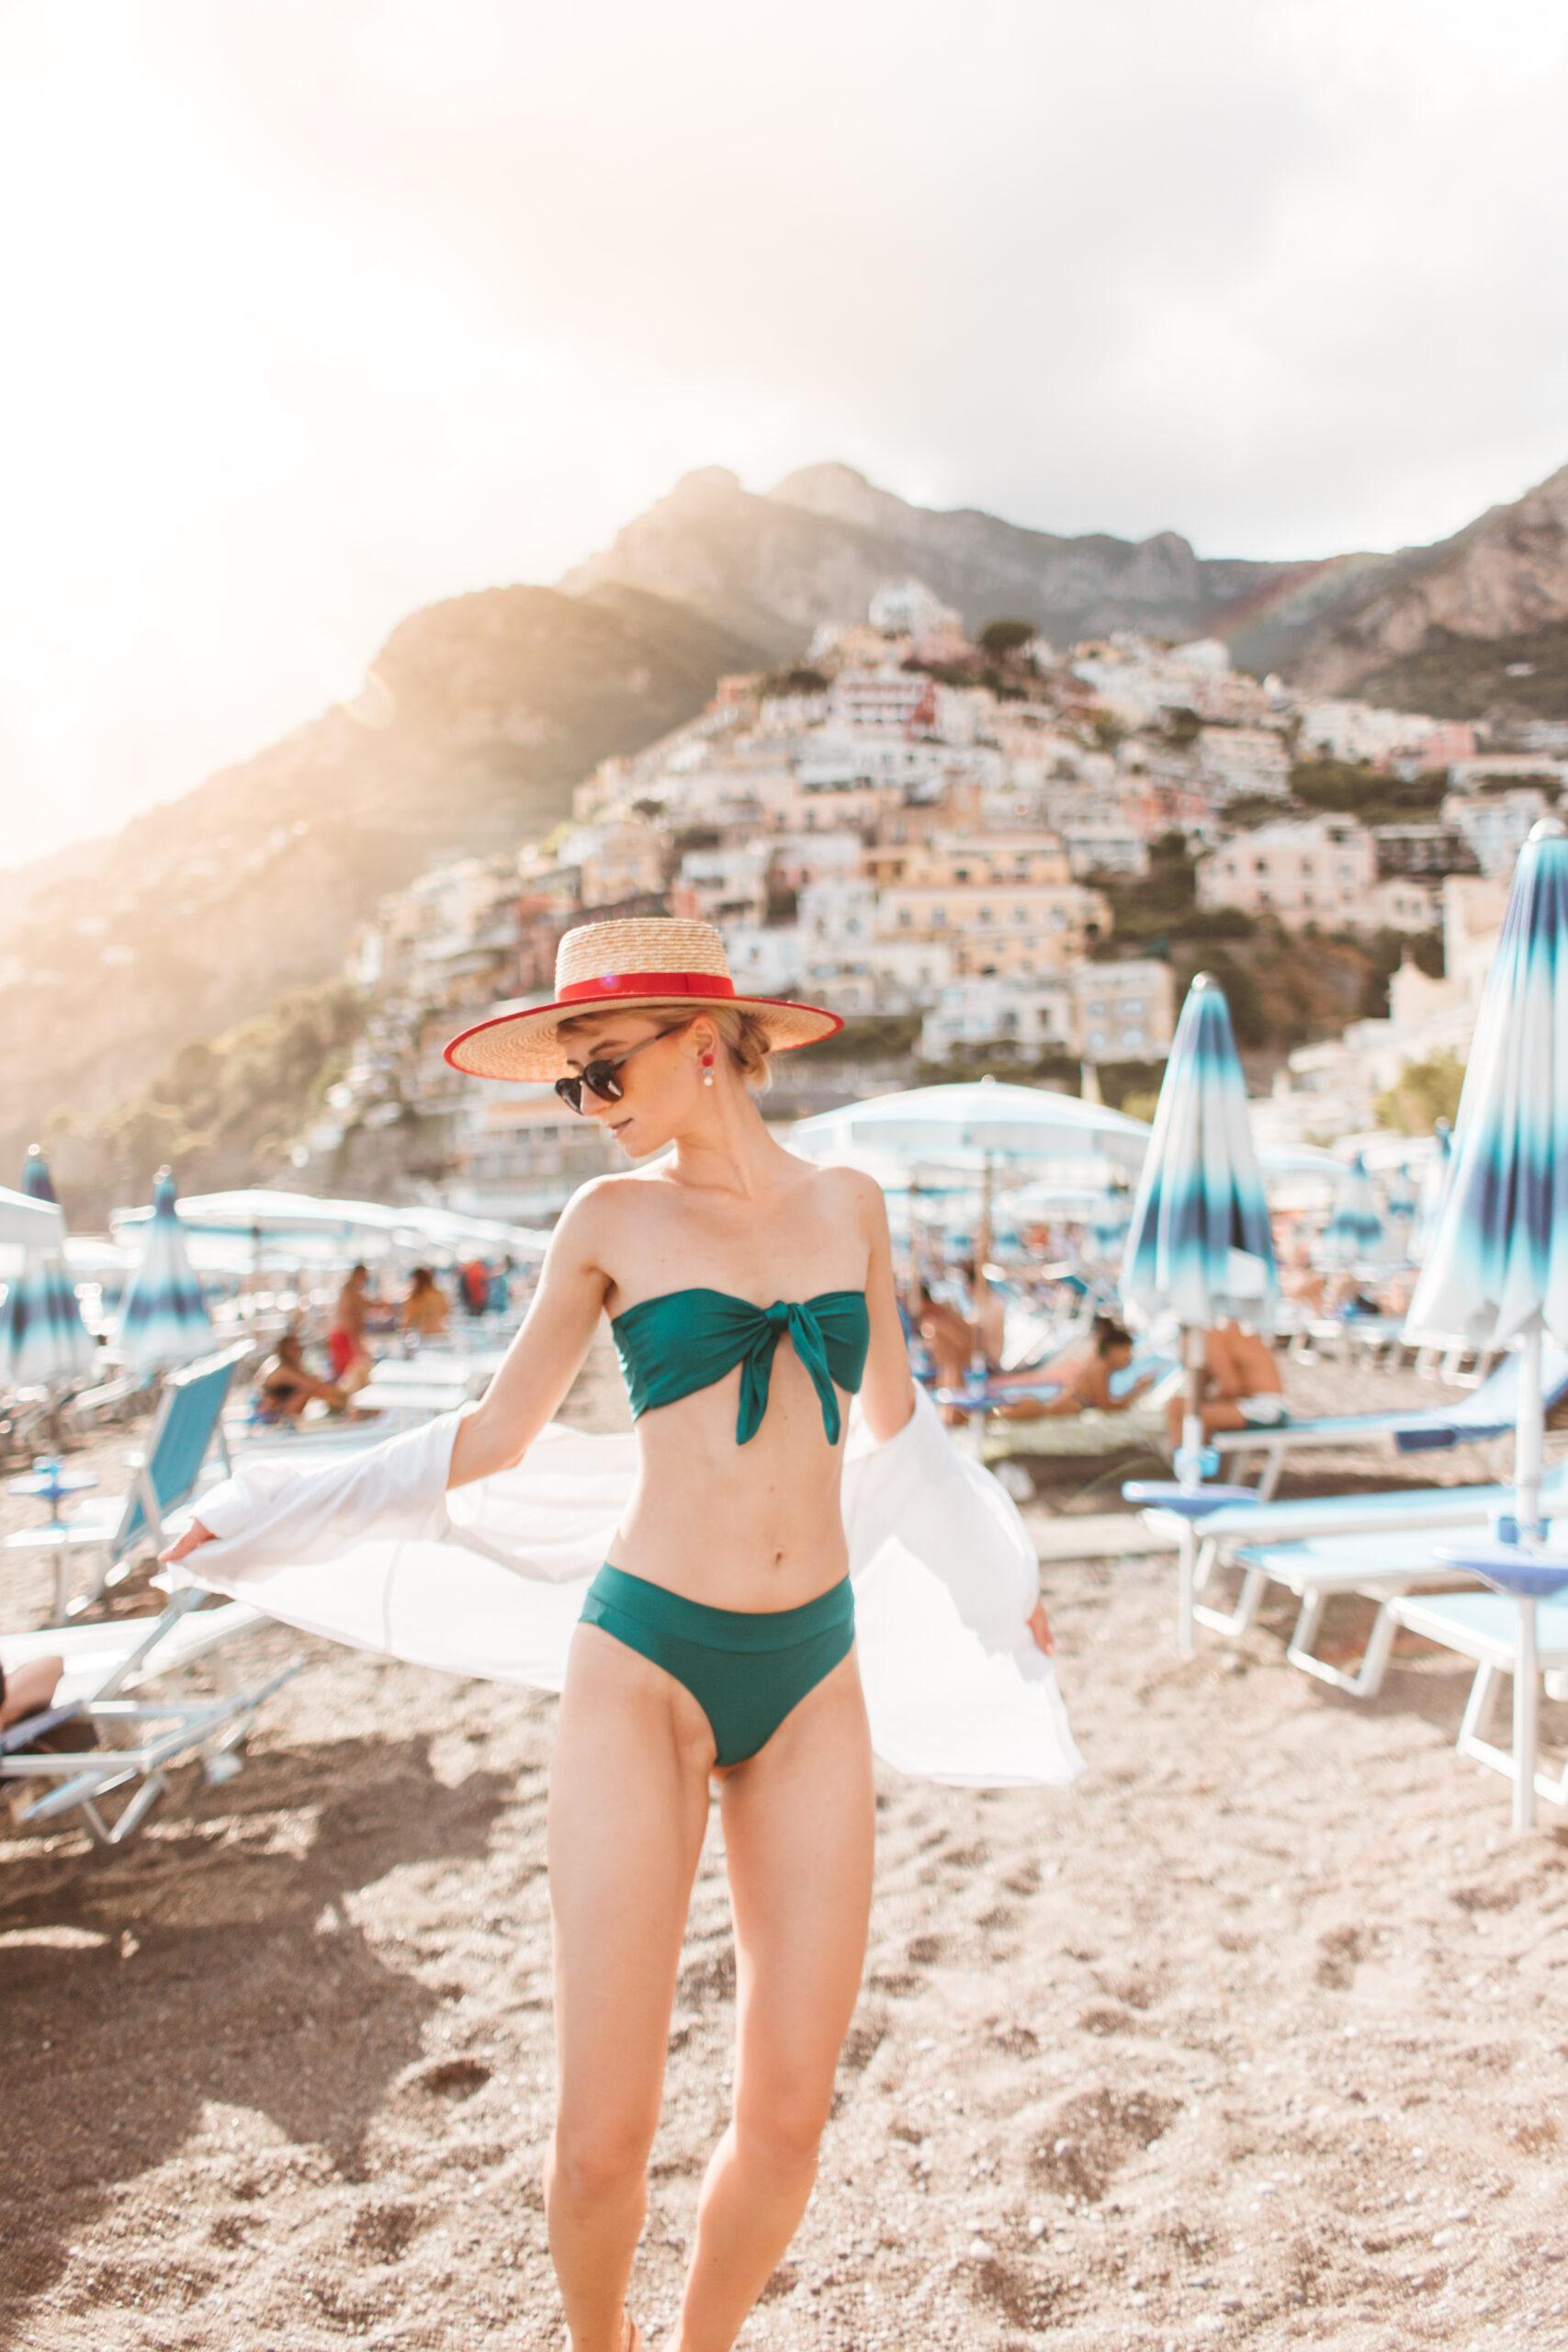 italy best beaches, Wybrzeże Amalfitańskie, Positano beach, positano plaża, spaggia grande, view, girl in hat, blogger, Italy